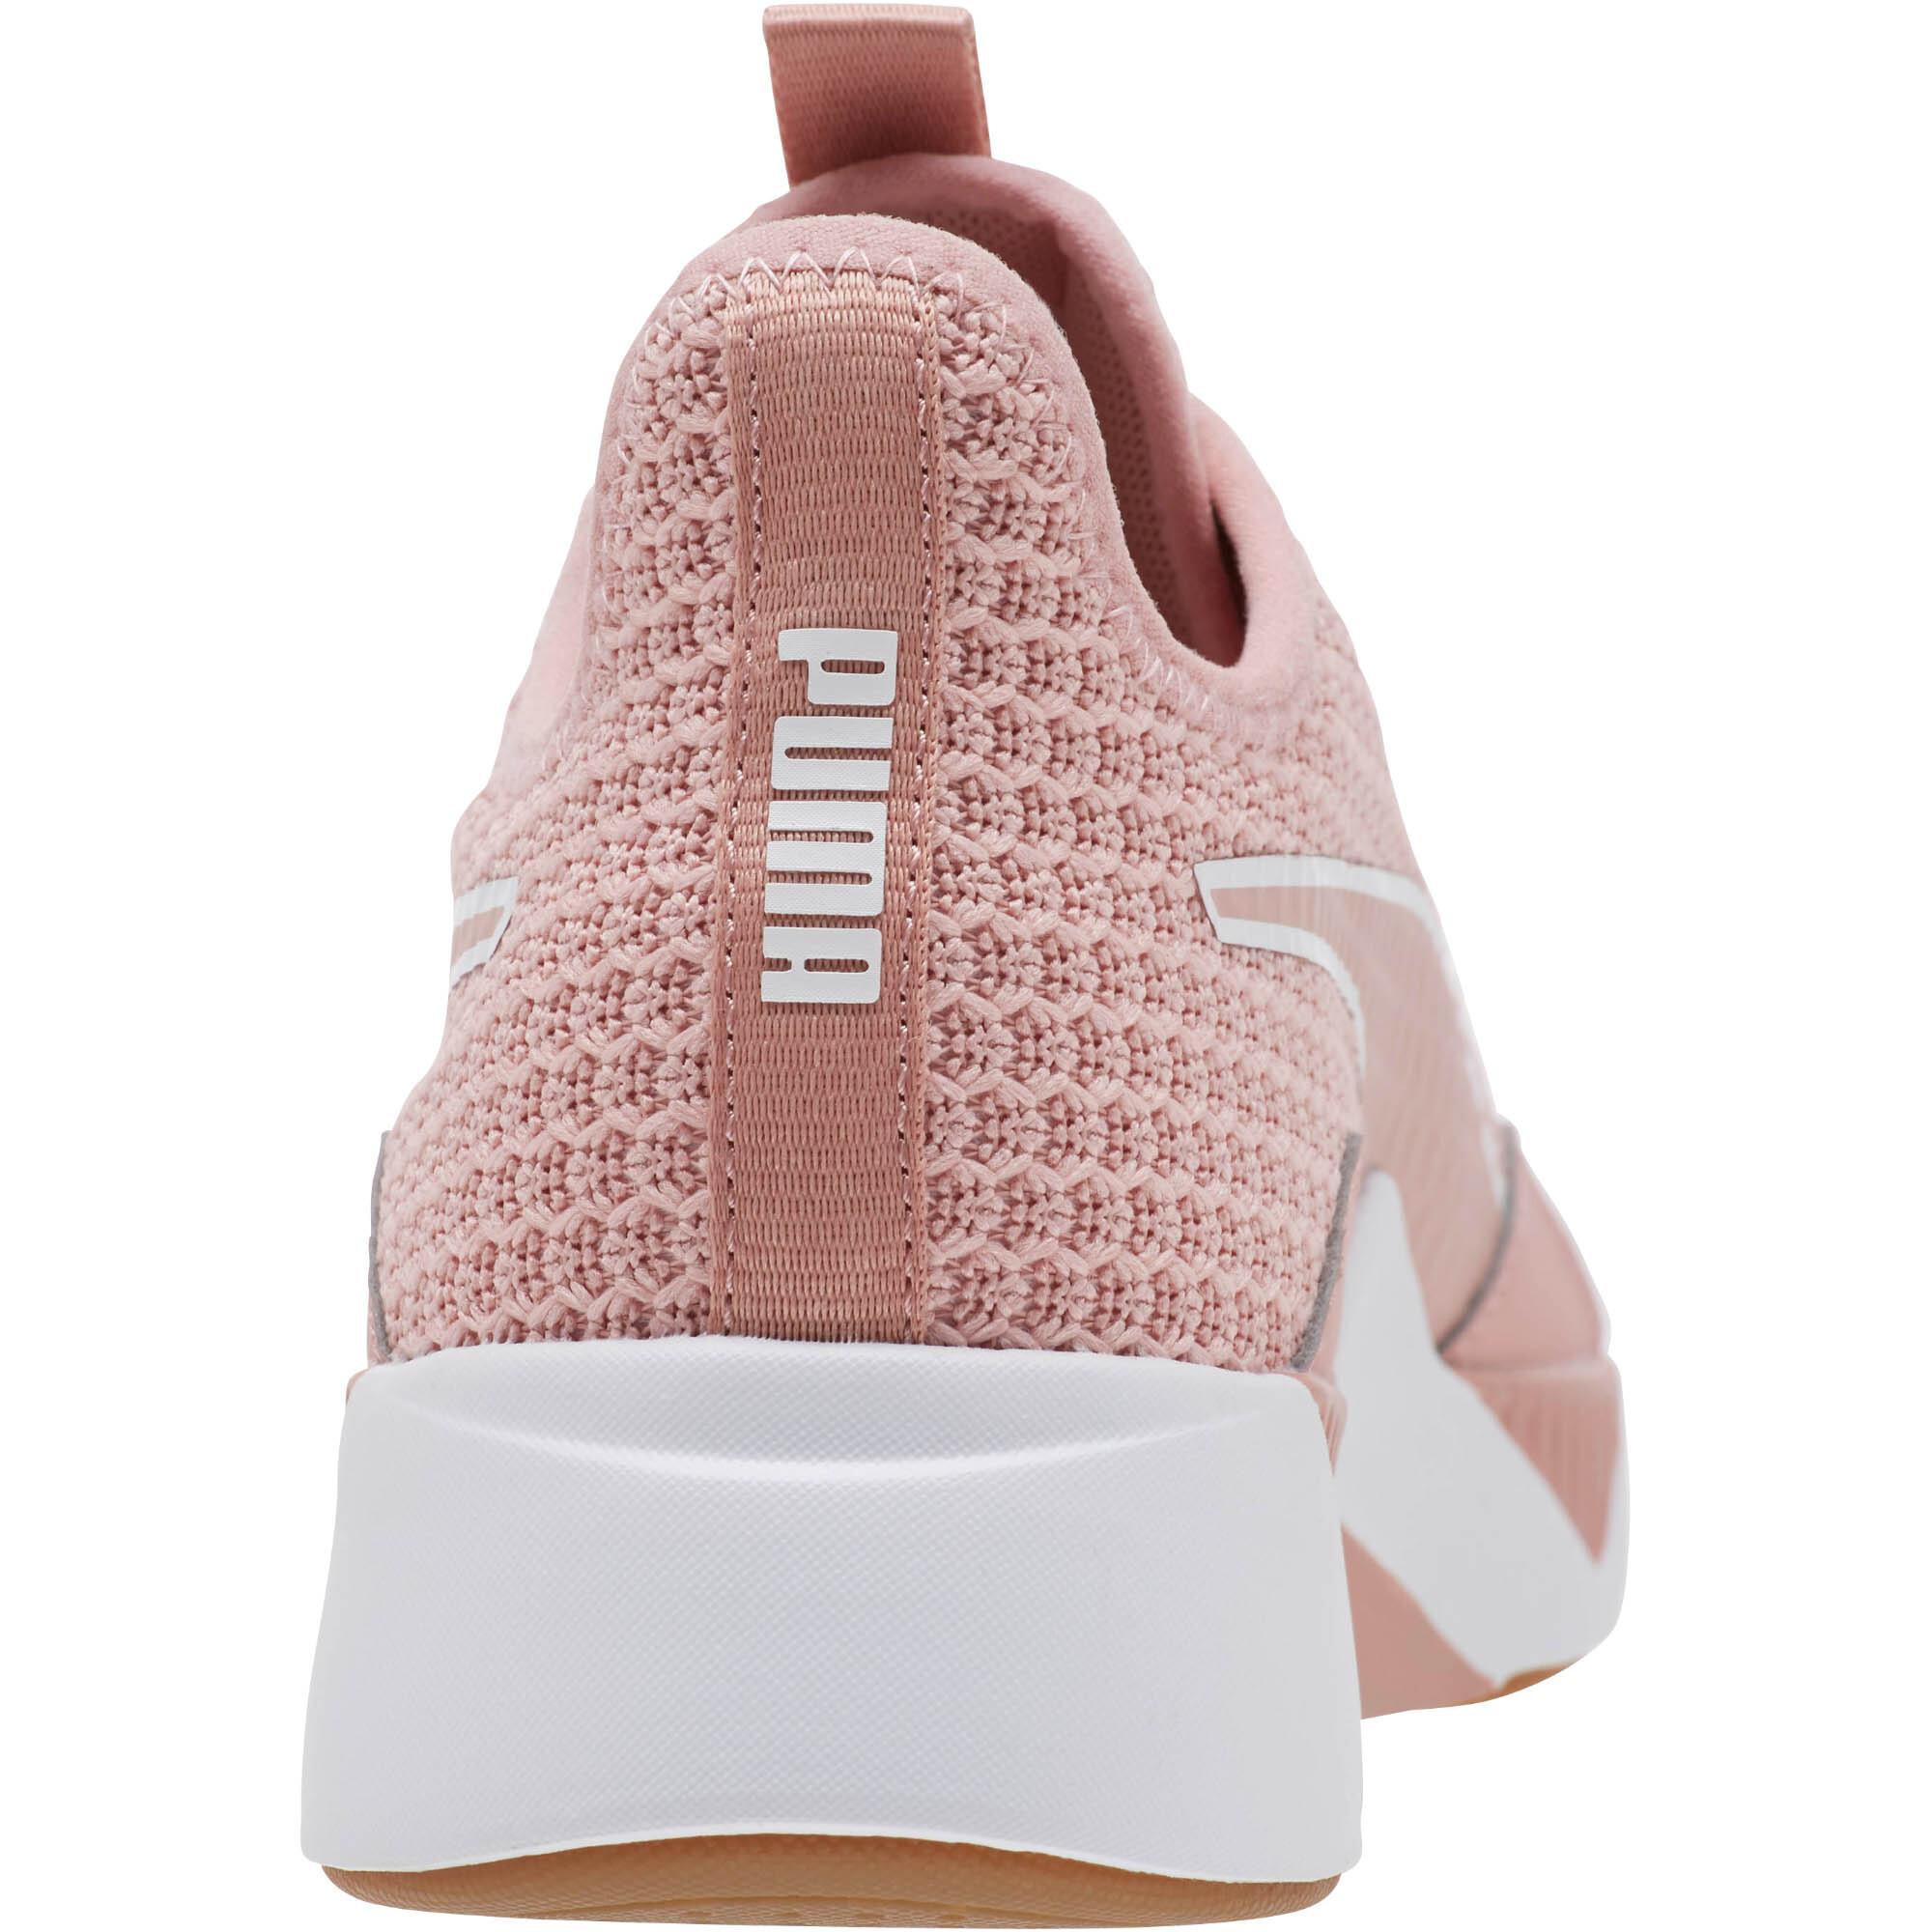 PUMA-Incite-FS-Women-039-s-Training-Shoes-Women-Shoe-Training thumbnail 24